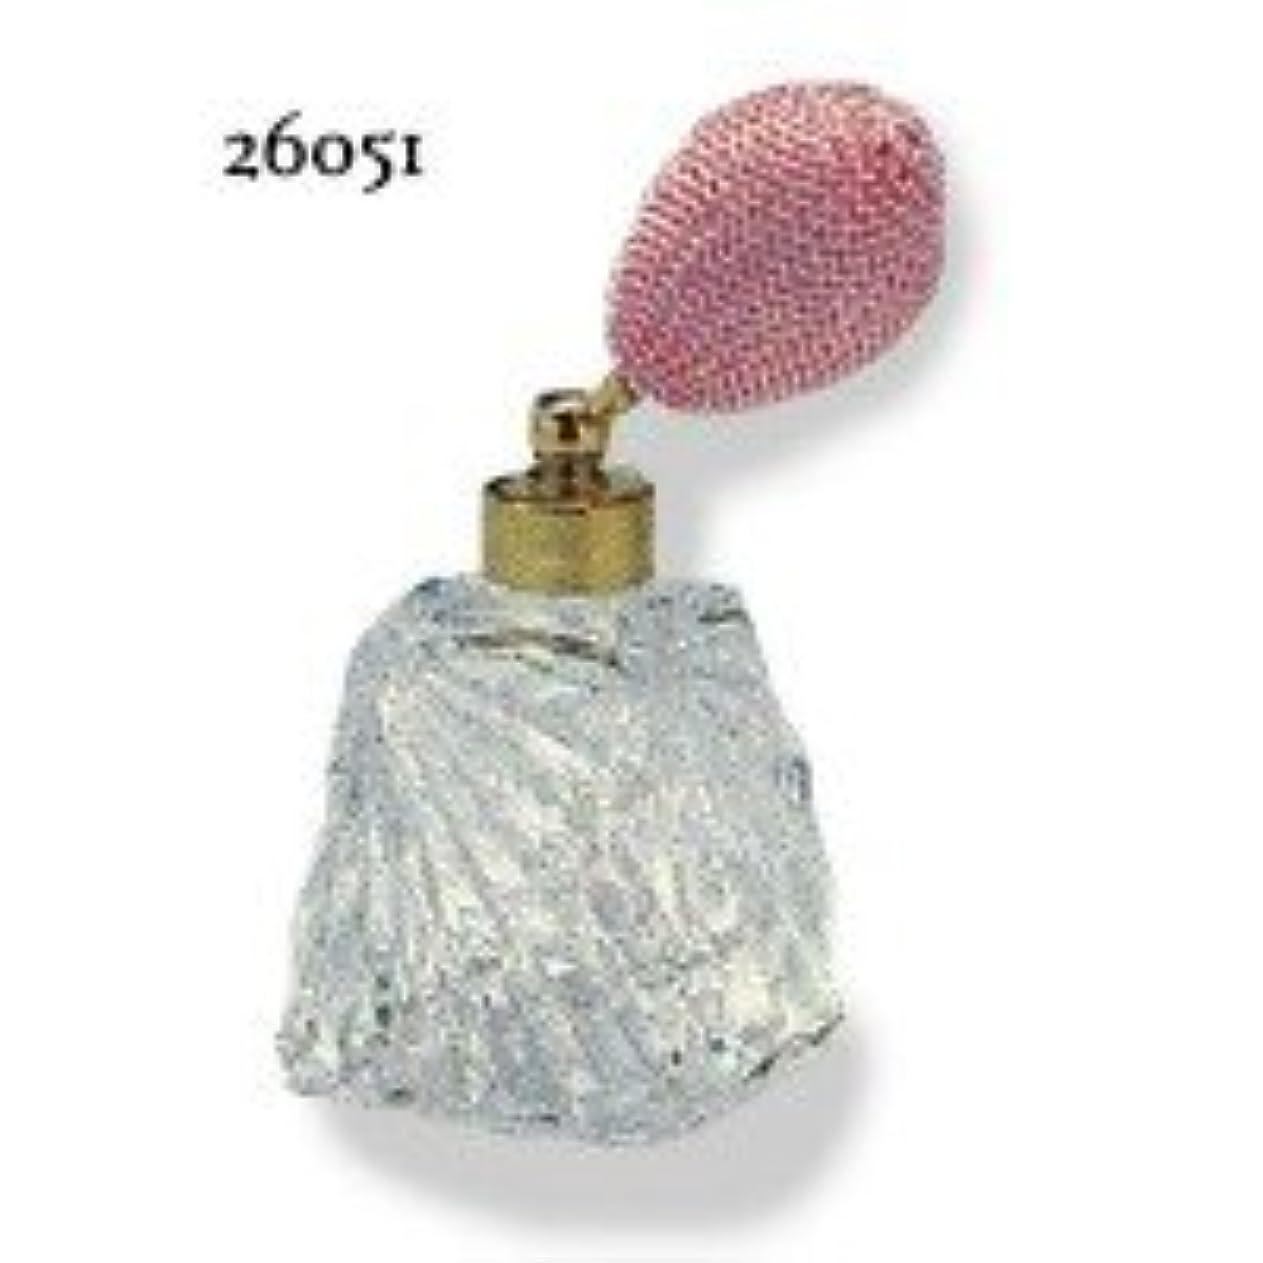 ピアースクリエイティブ放牧するドイツ製クリスタル香水瓶リードクリスタル 短